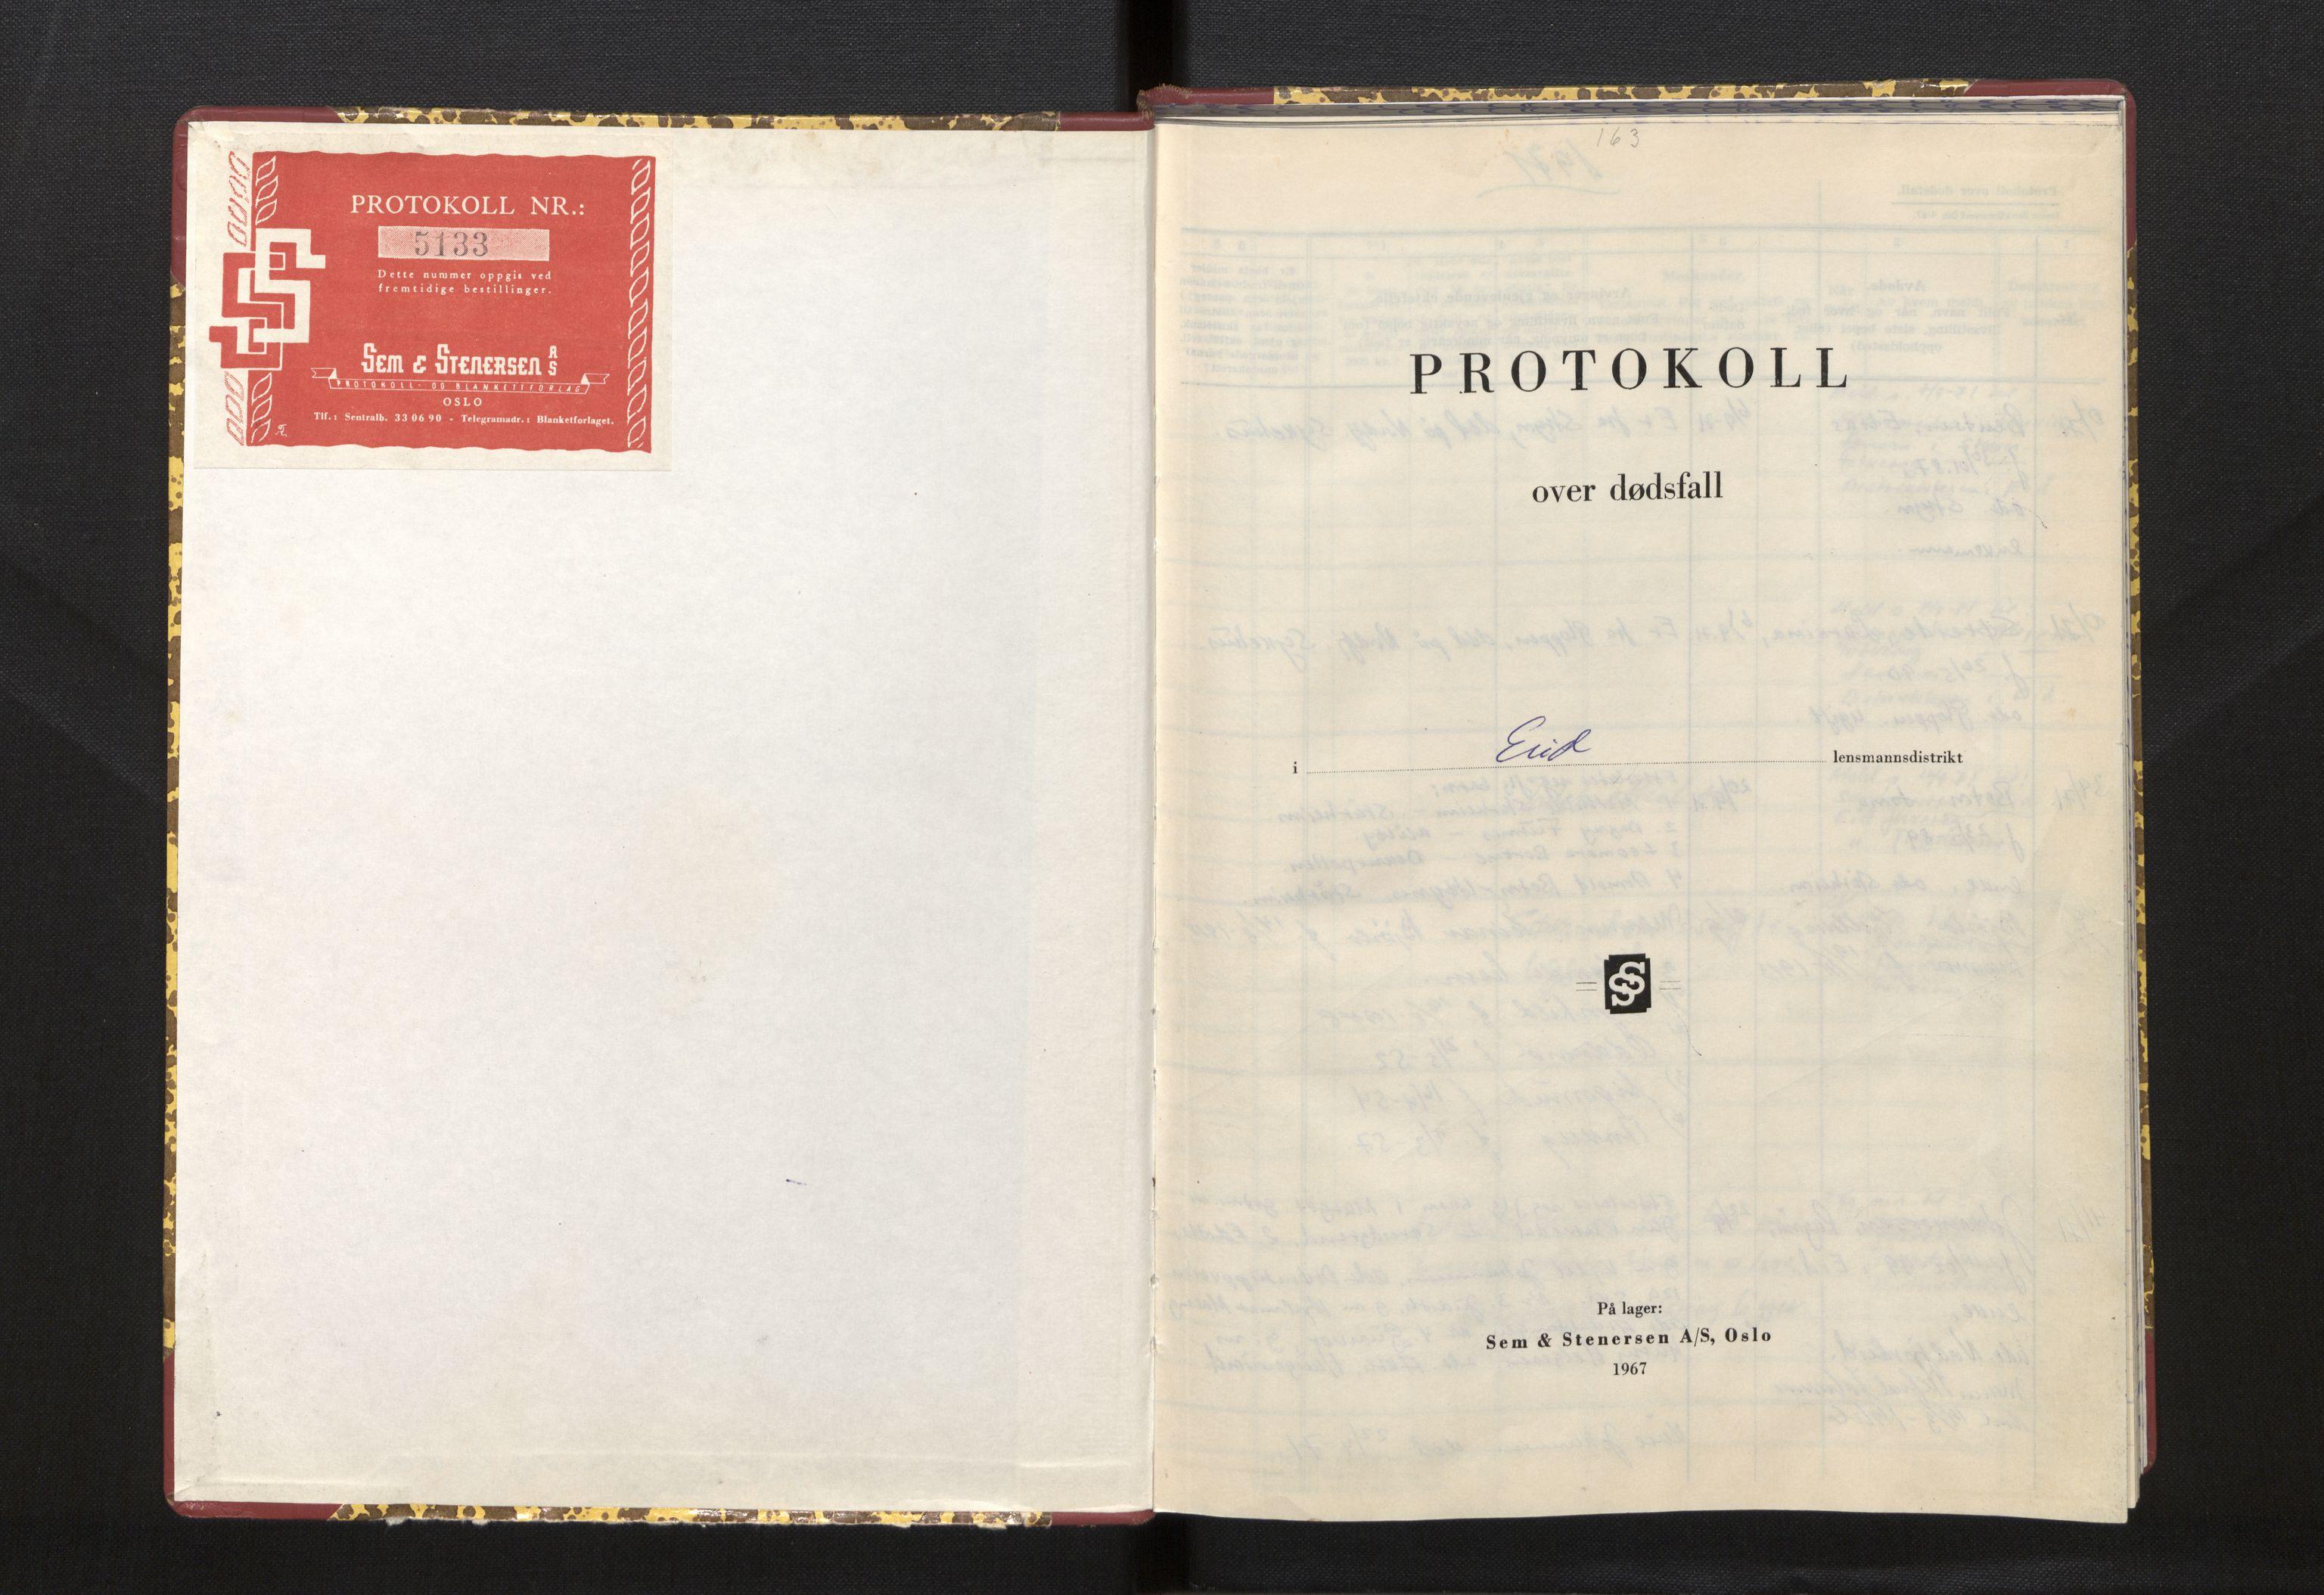 SAB, Lensmannen i Eid, 0006/L0011: Dødsfallprotokoll, 1971-1973